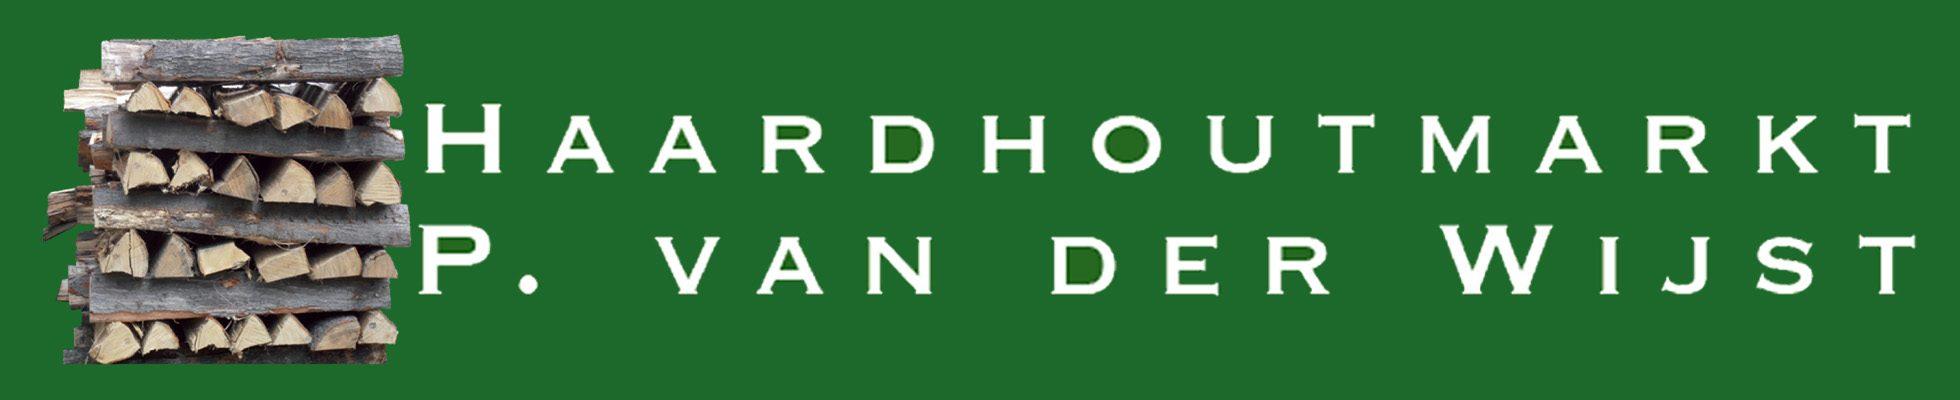 Haardhoutmarkt P. van der Wijst – Zeeland